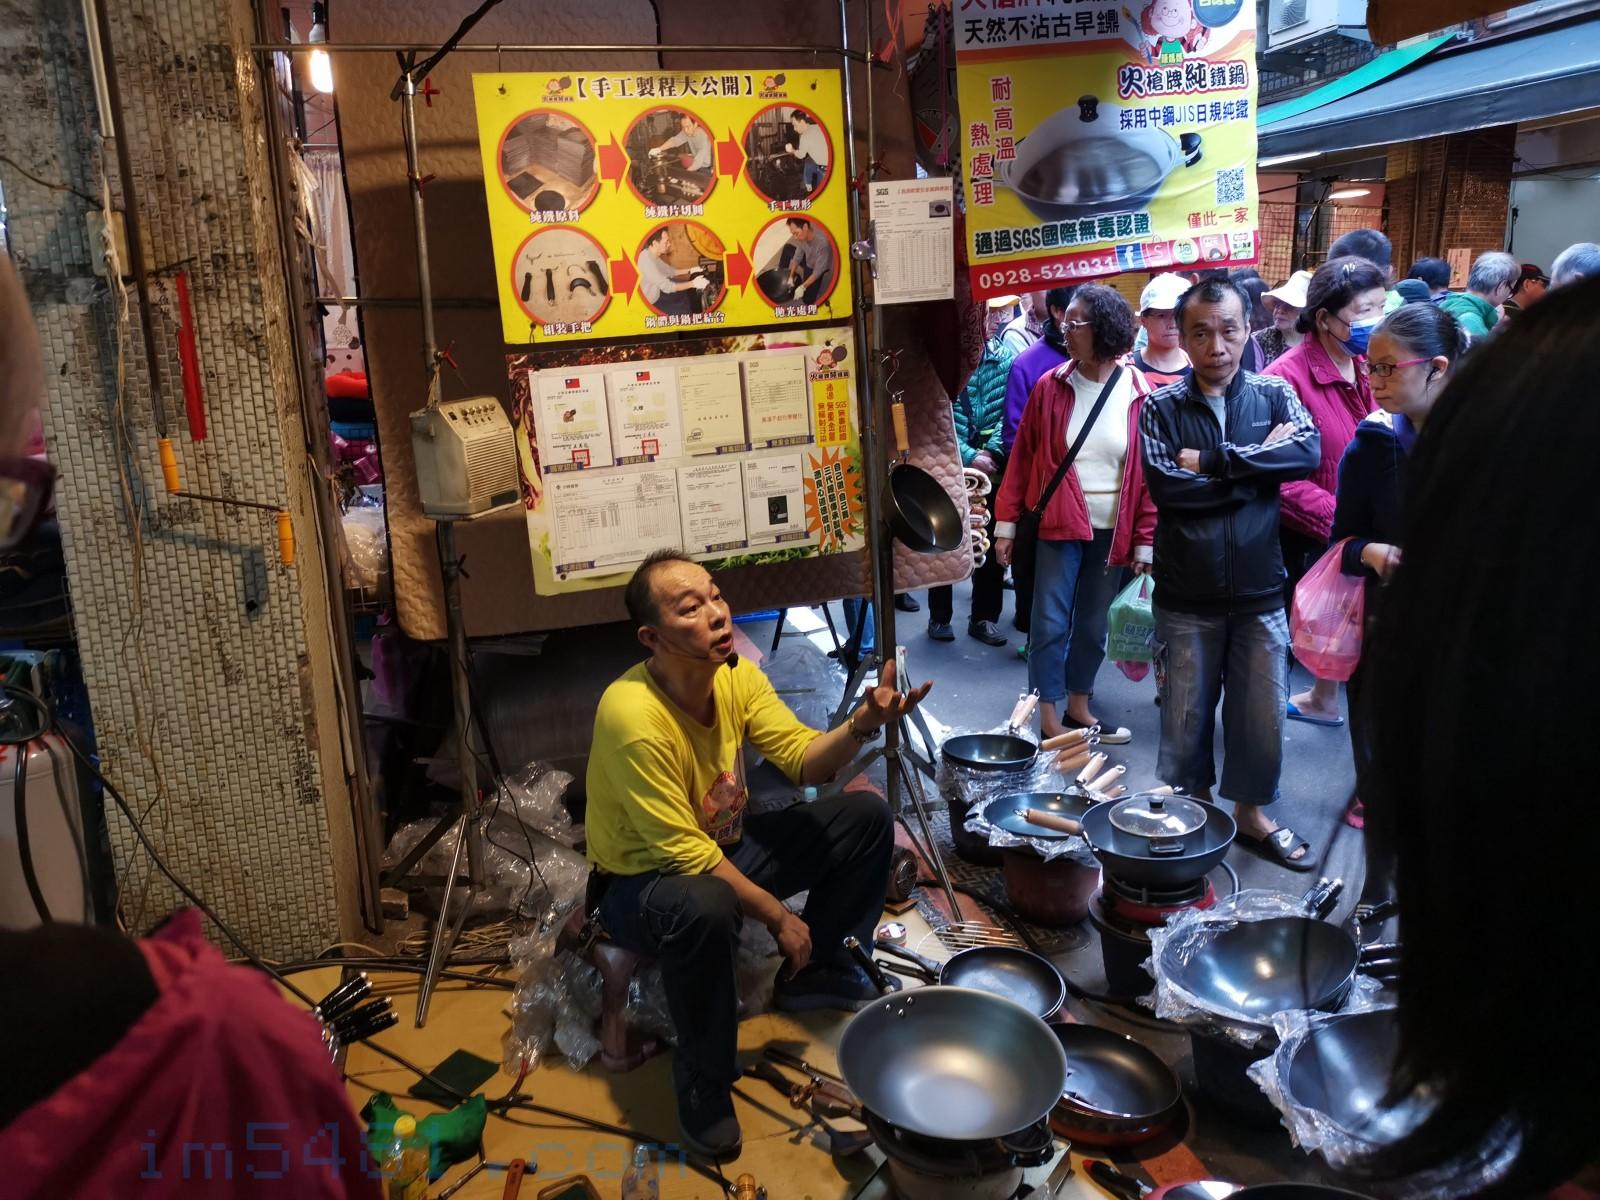 火槍牌鐵鍋在七堵市場的攤位,老闆正在解說產品。